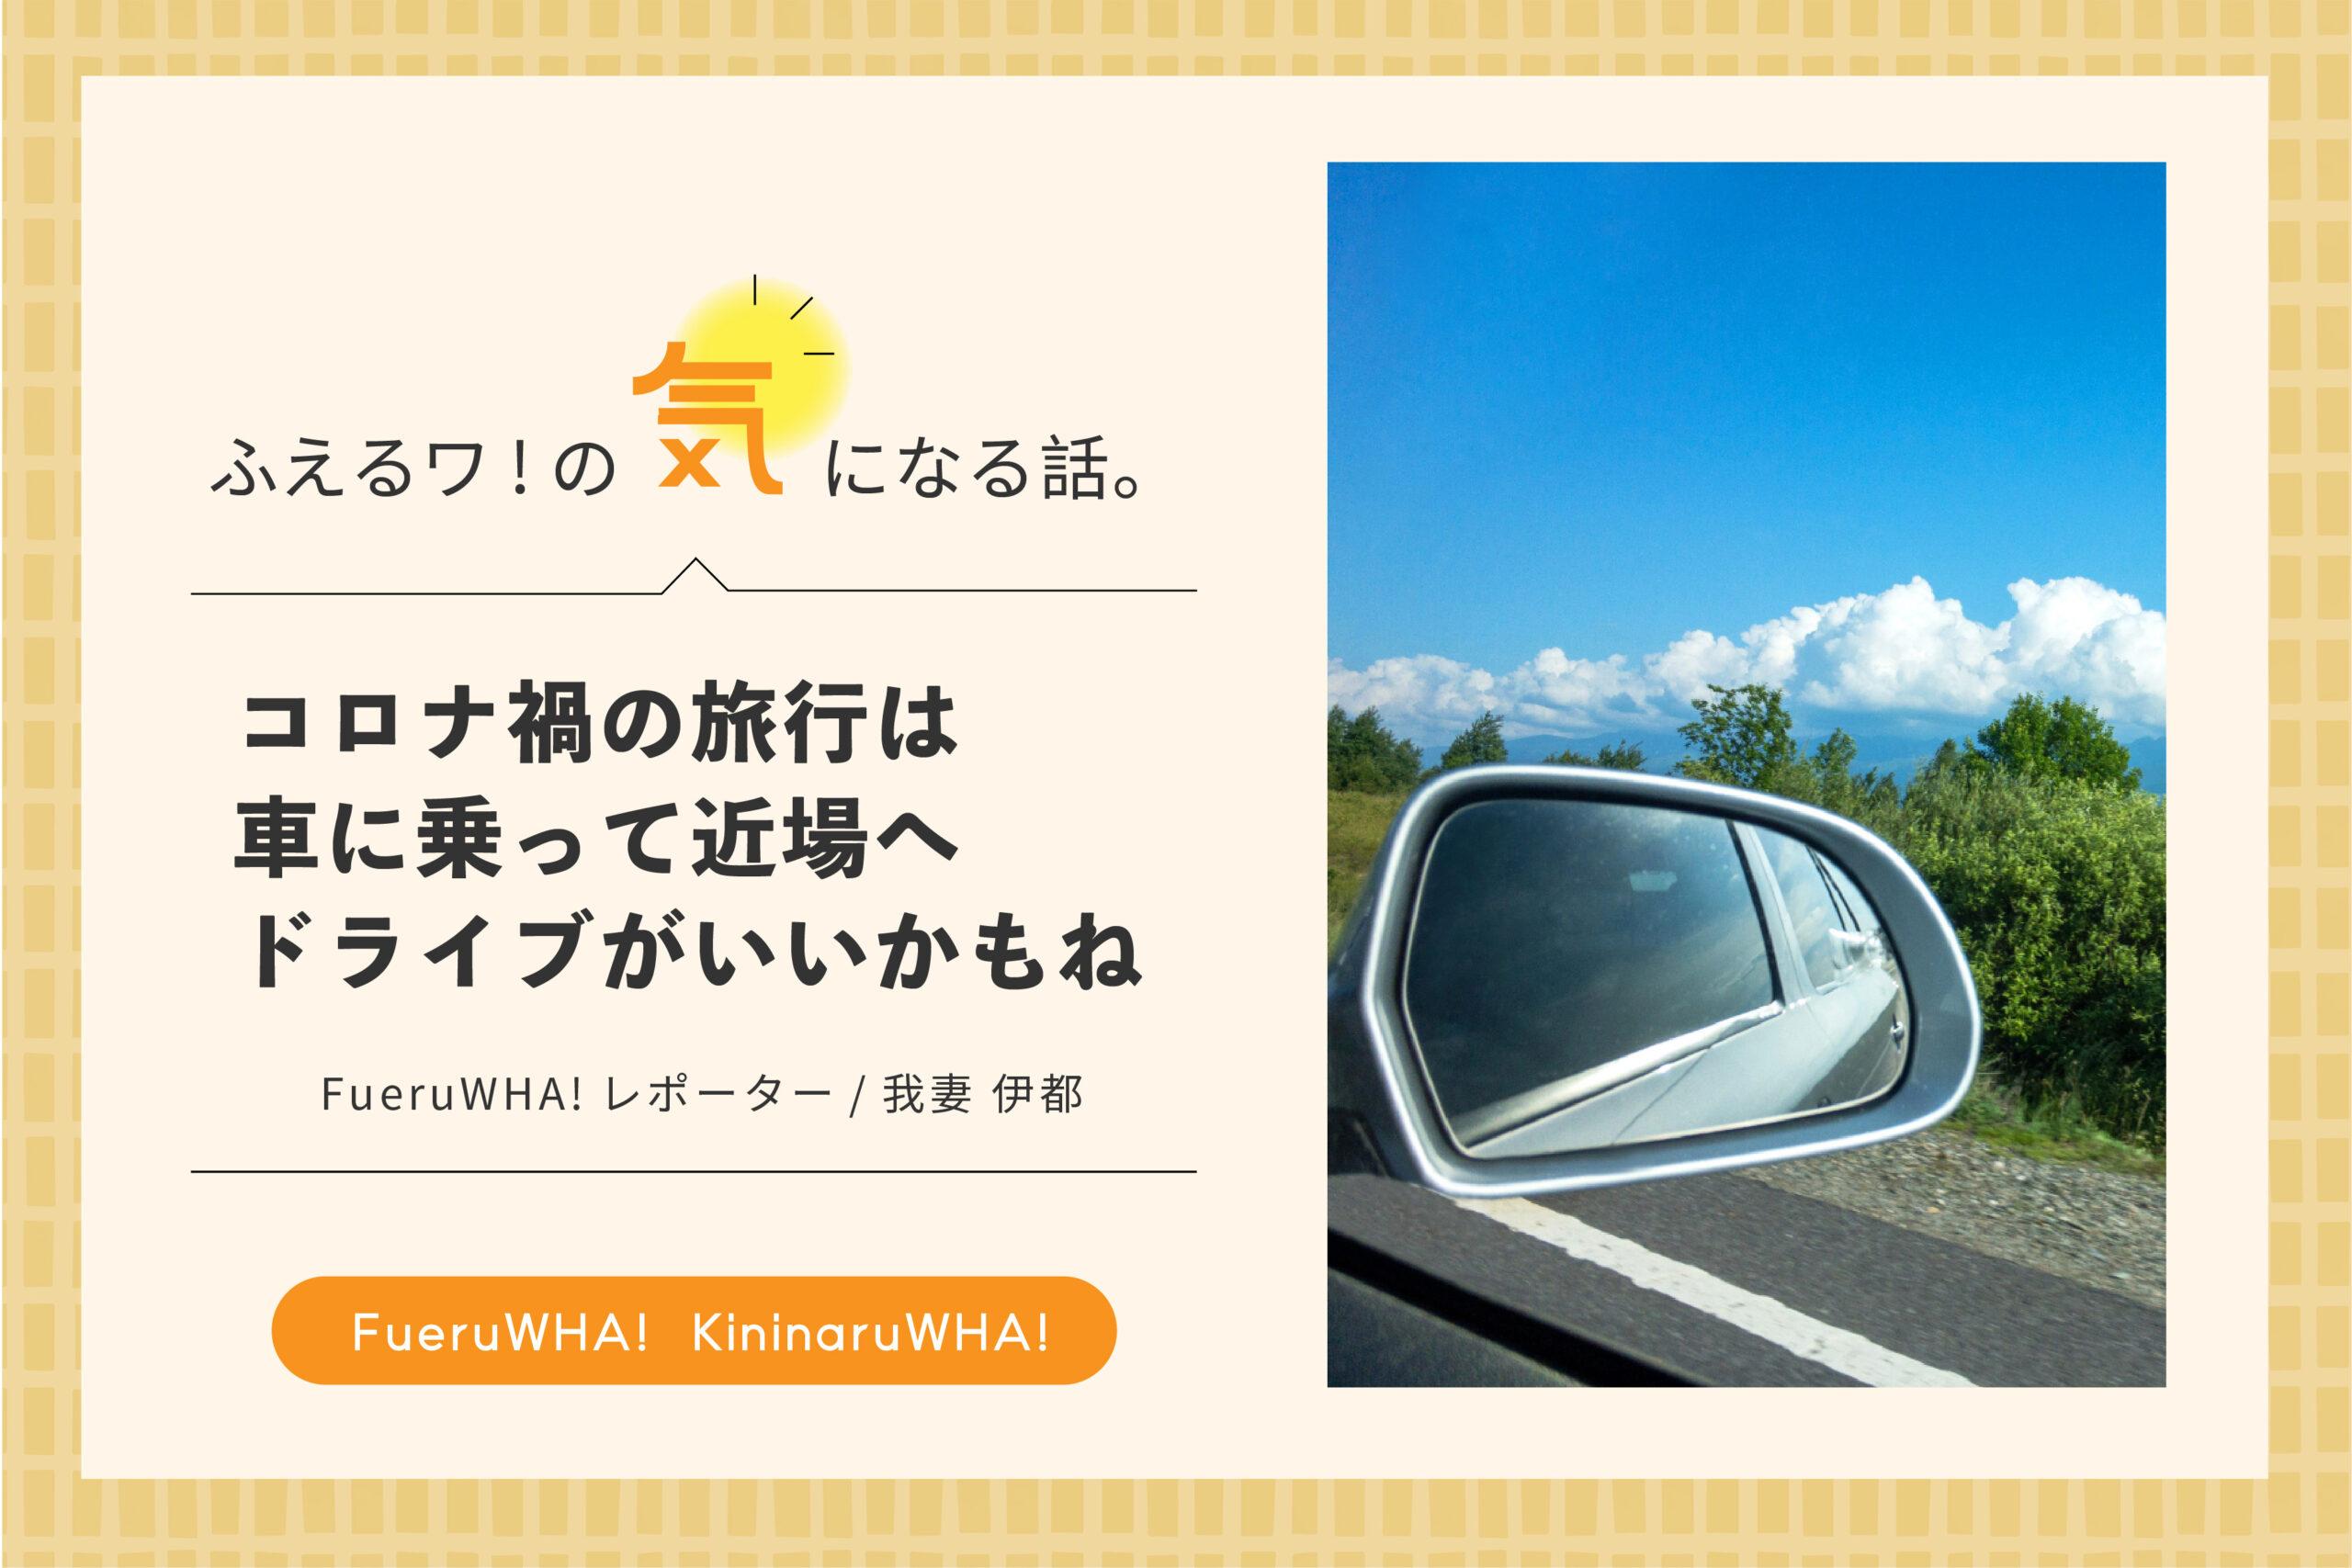 コロナ禍の旅行は車に乗って近場へドライブがいいかもね。